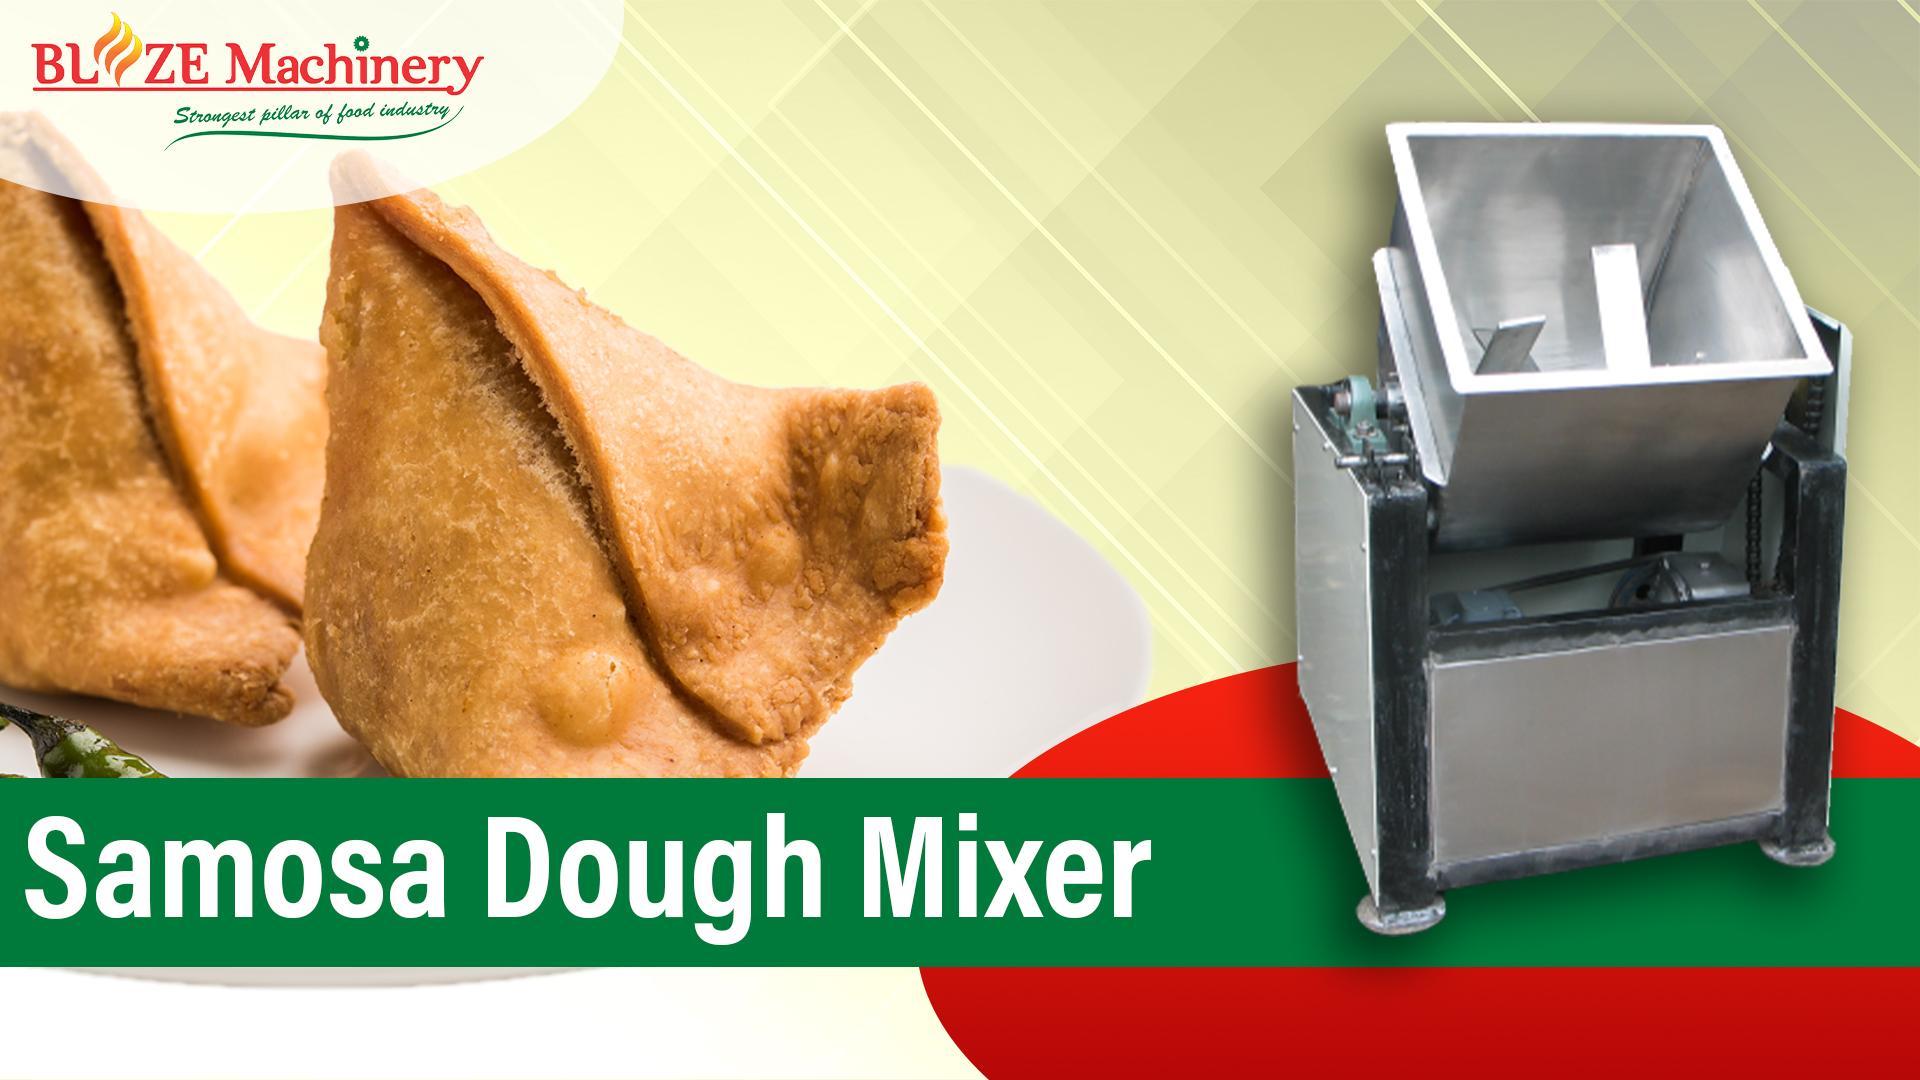 Samosa Dough Mixer